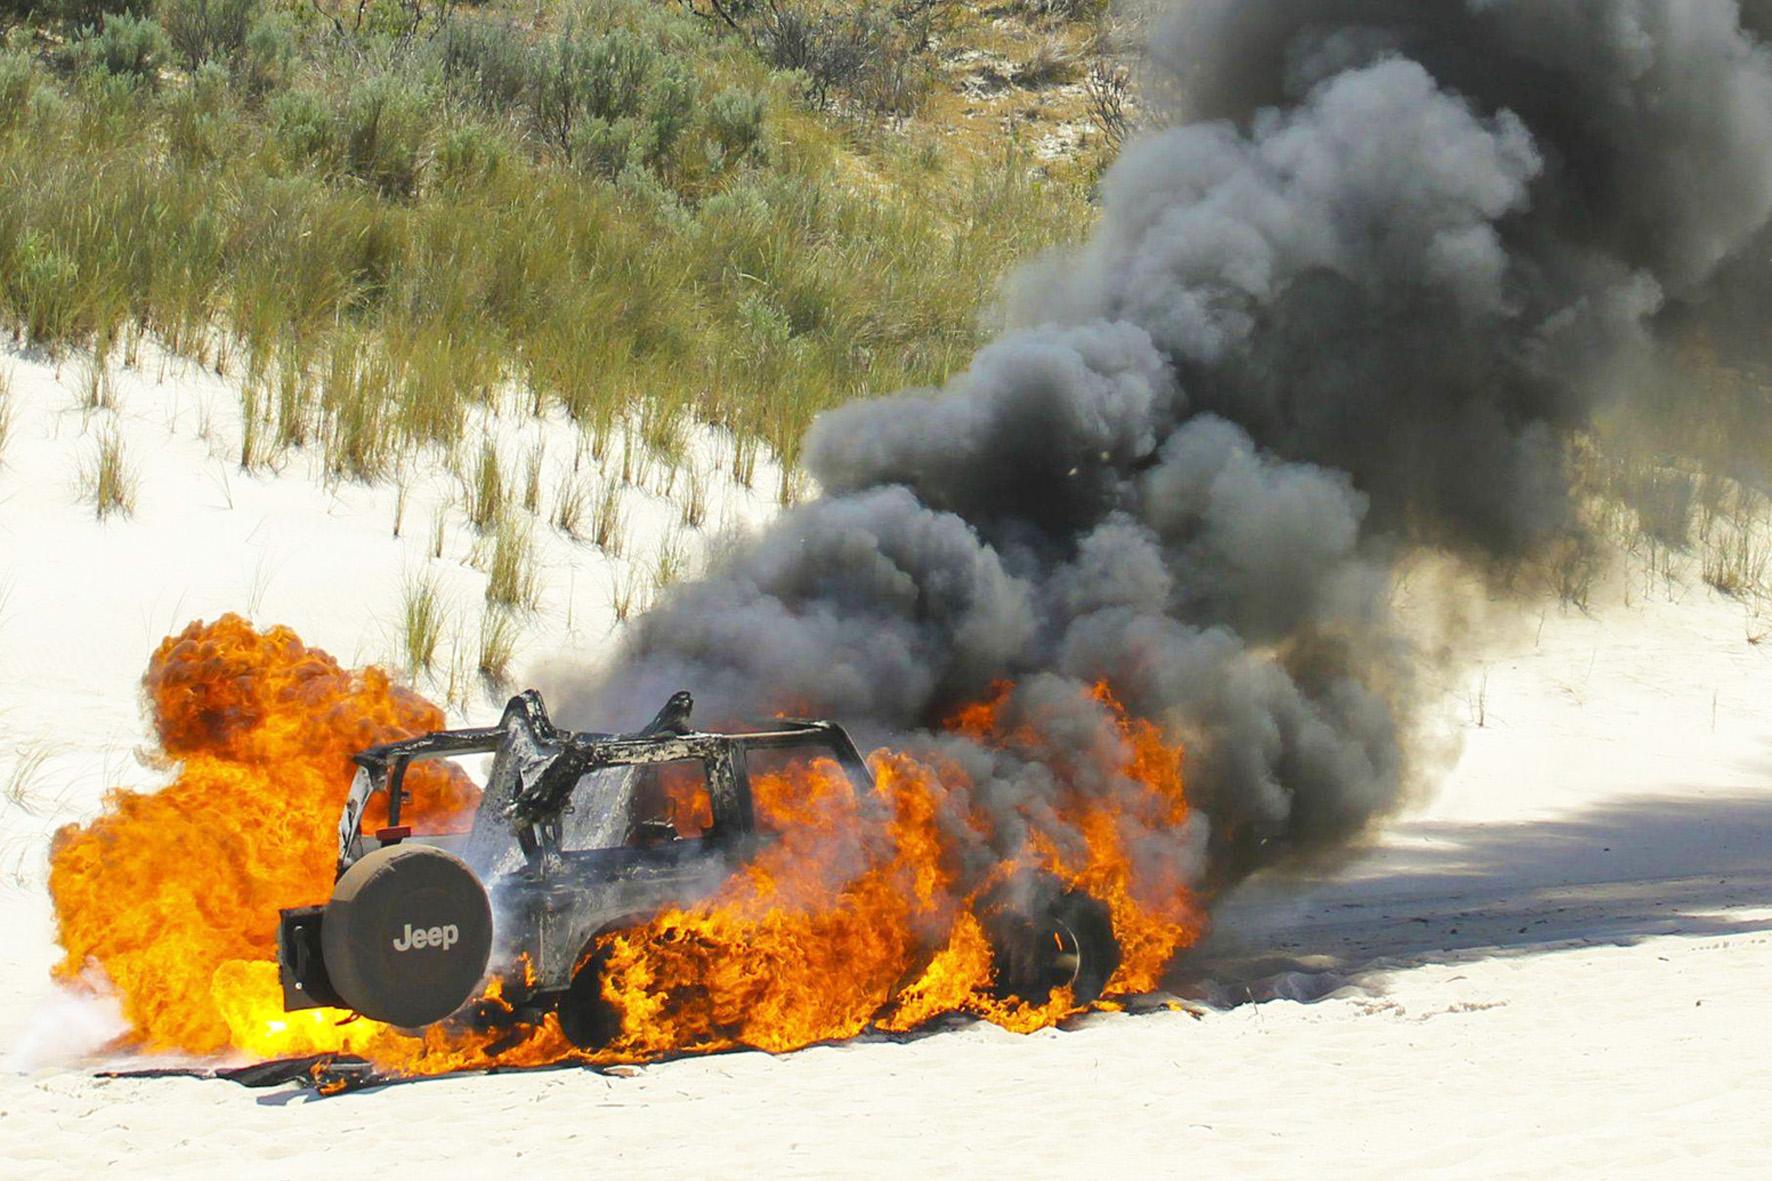 Ein Jeep brennt vollständig ab